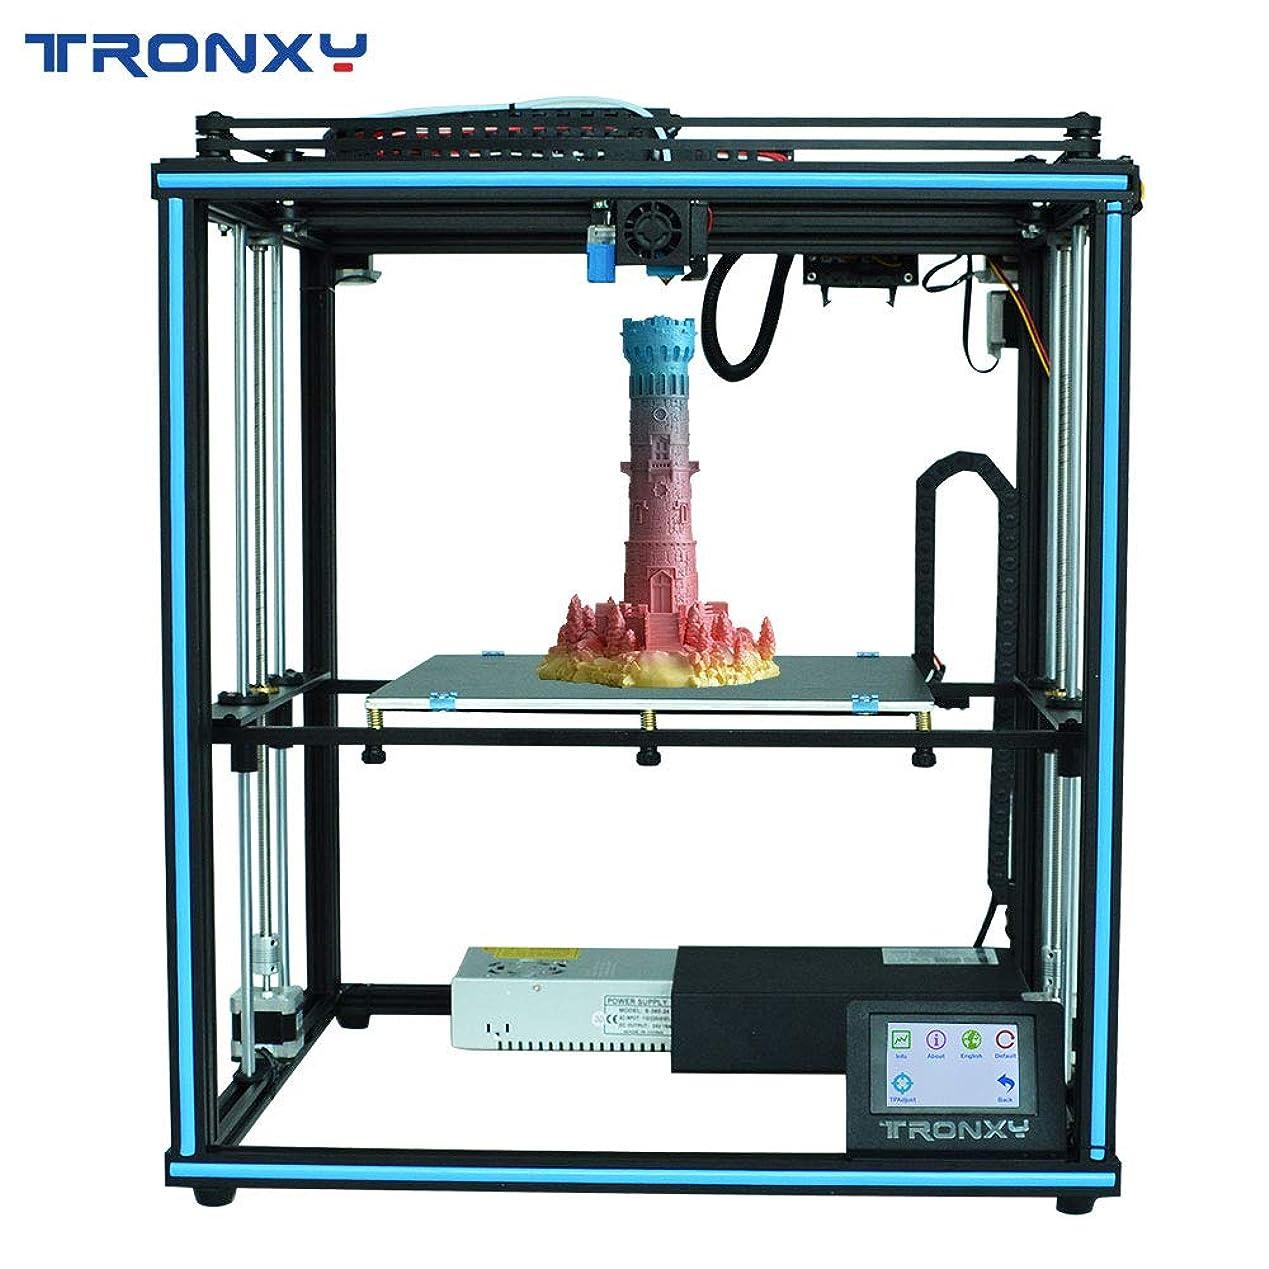 神経障害リングバックパース【TRONXY】 X5SA 3Dプリンター 最大印刷サイズ330*330*400mm CoreXY印刷モード 自動レベリング 停電回復印刷 フィラメント検出機能 (自己インストール)